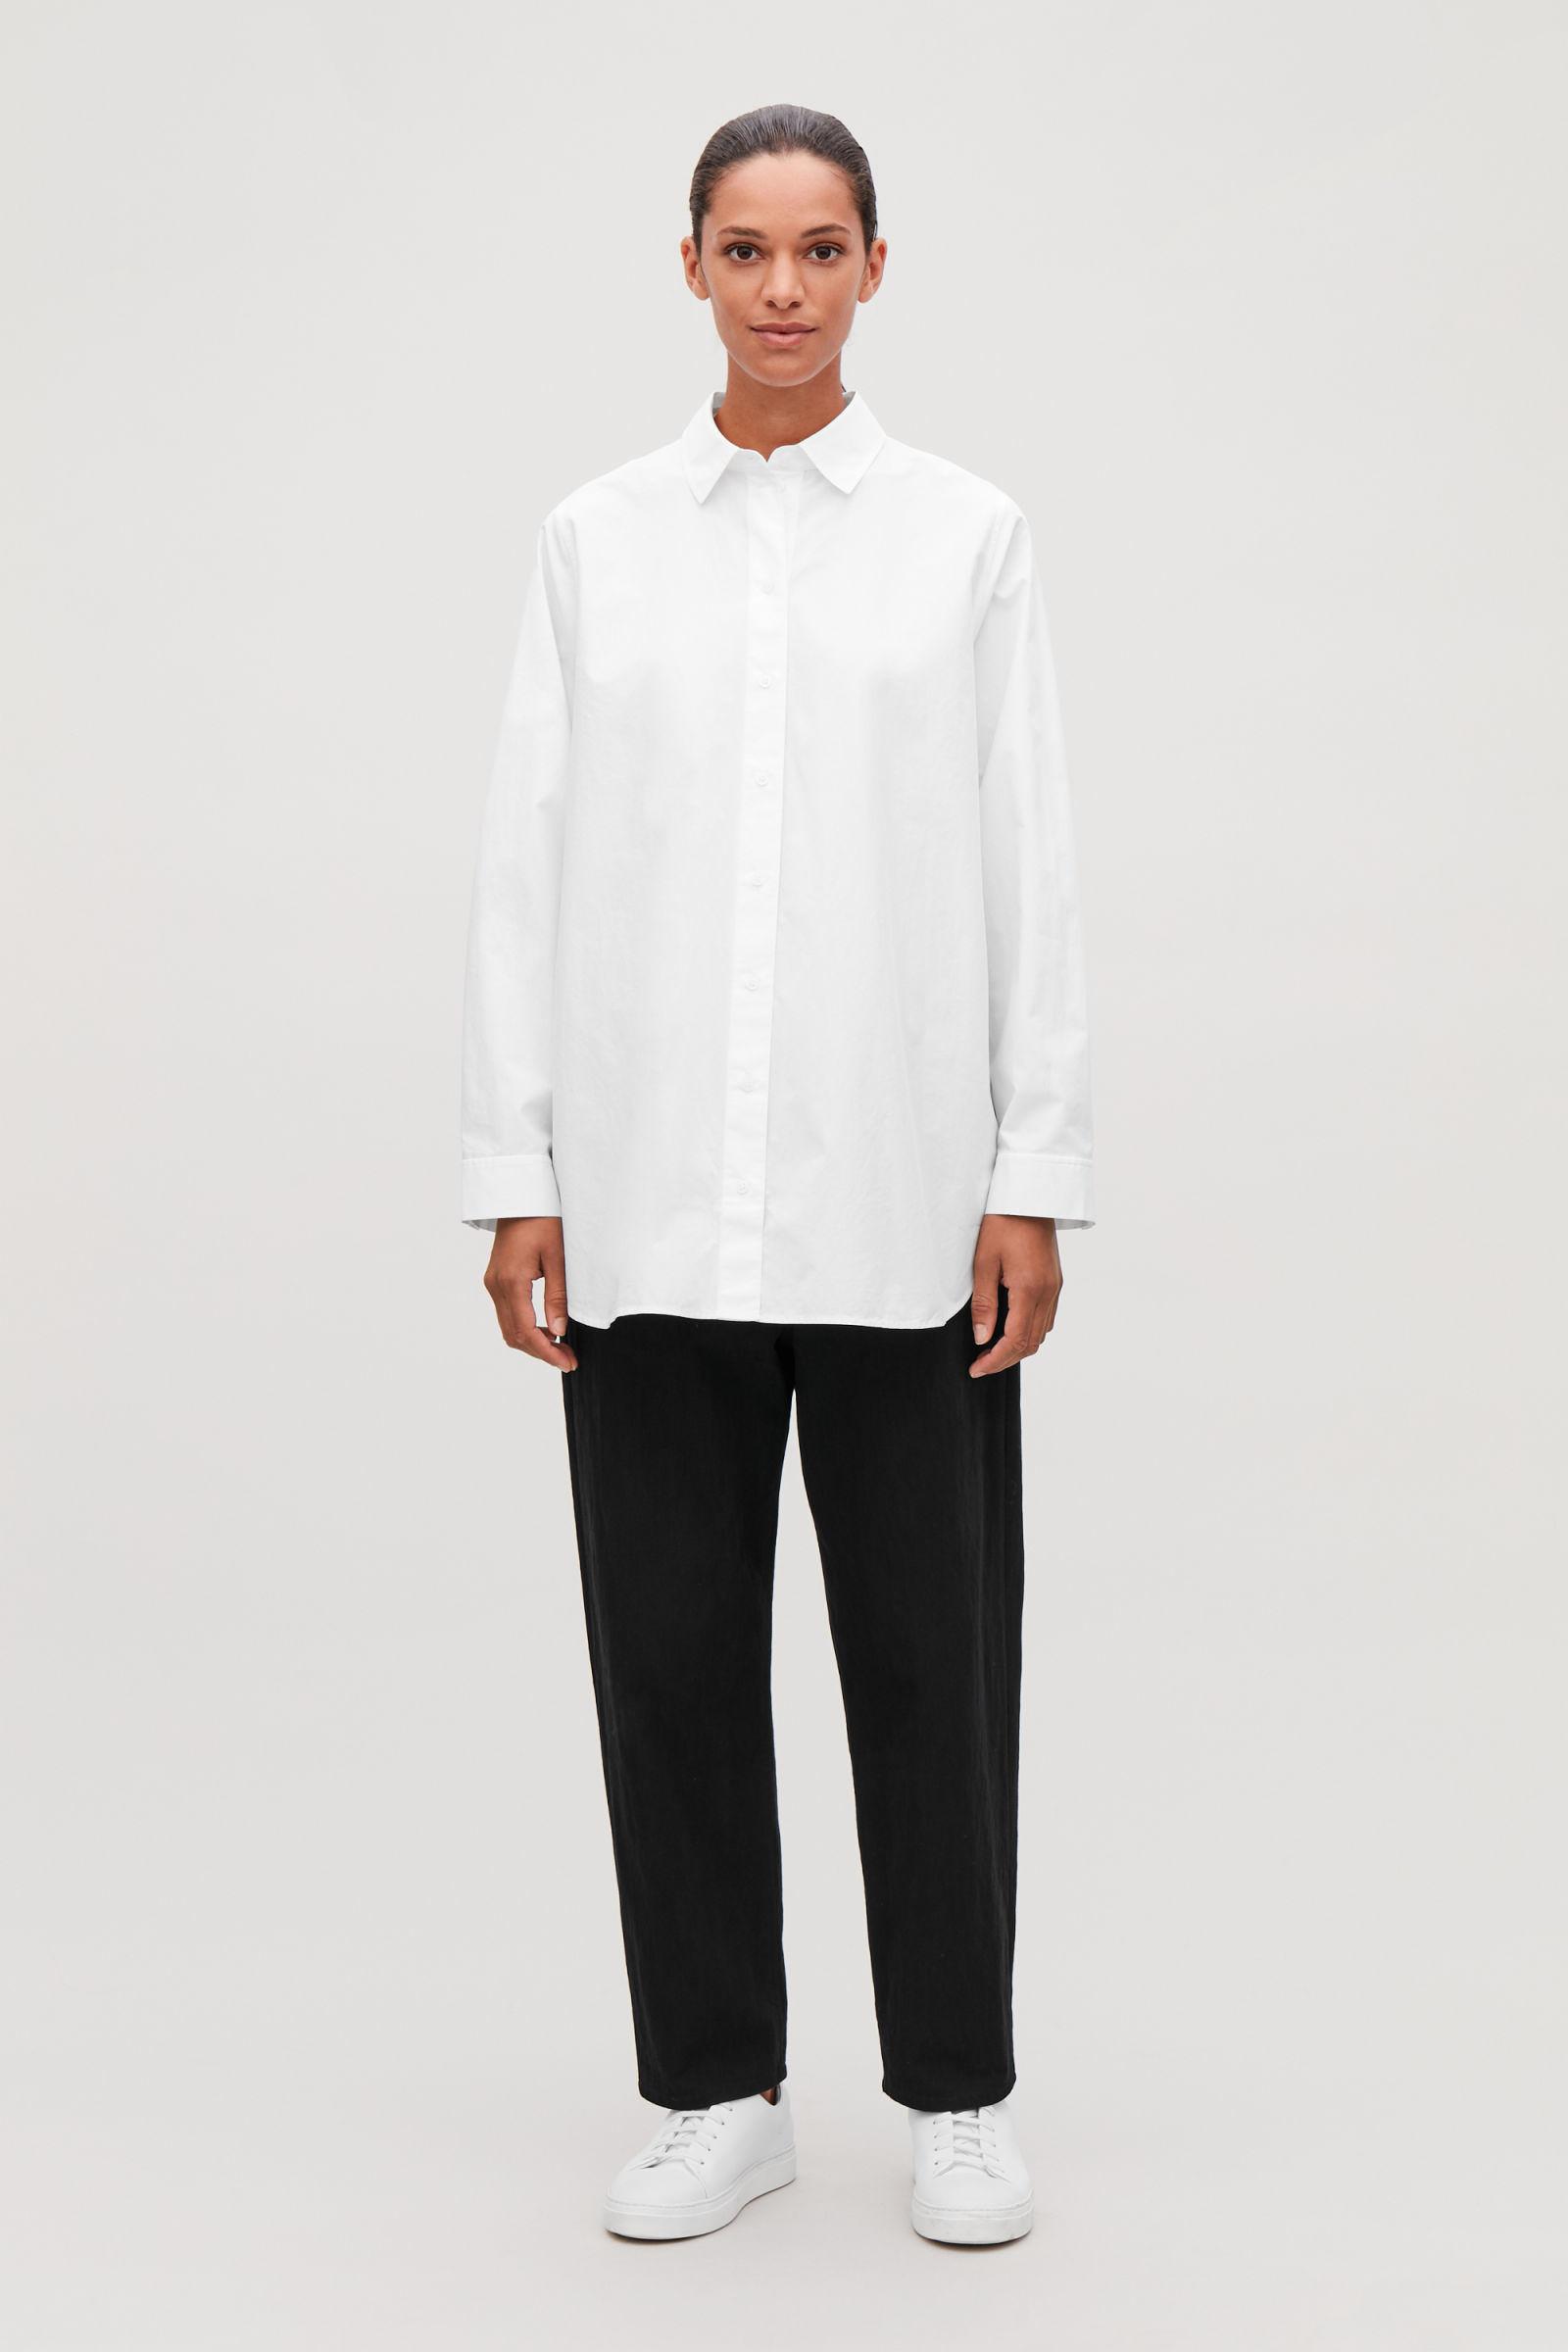 COS 사이드 플래킷 오버사이즈 셔츠의 화이트컬러 모델컷입니다.